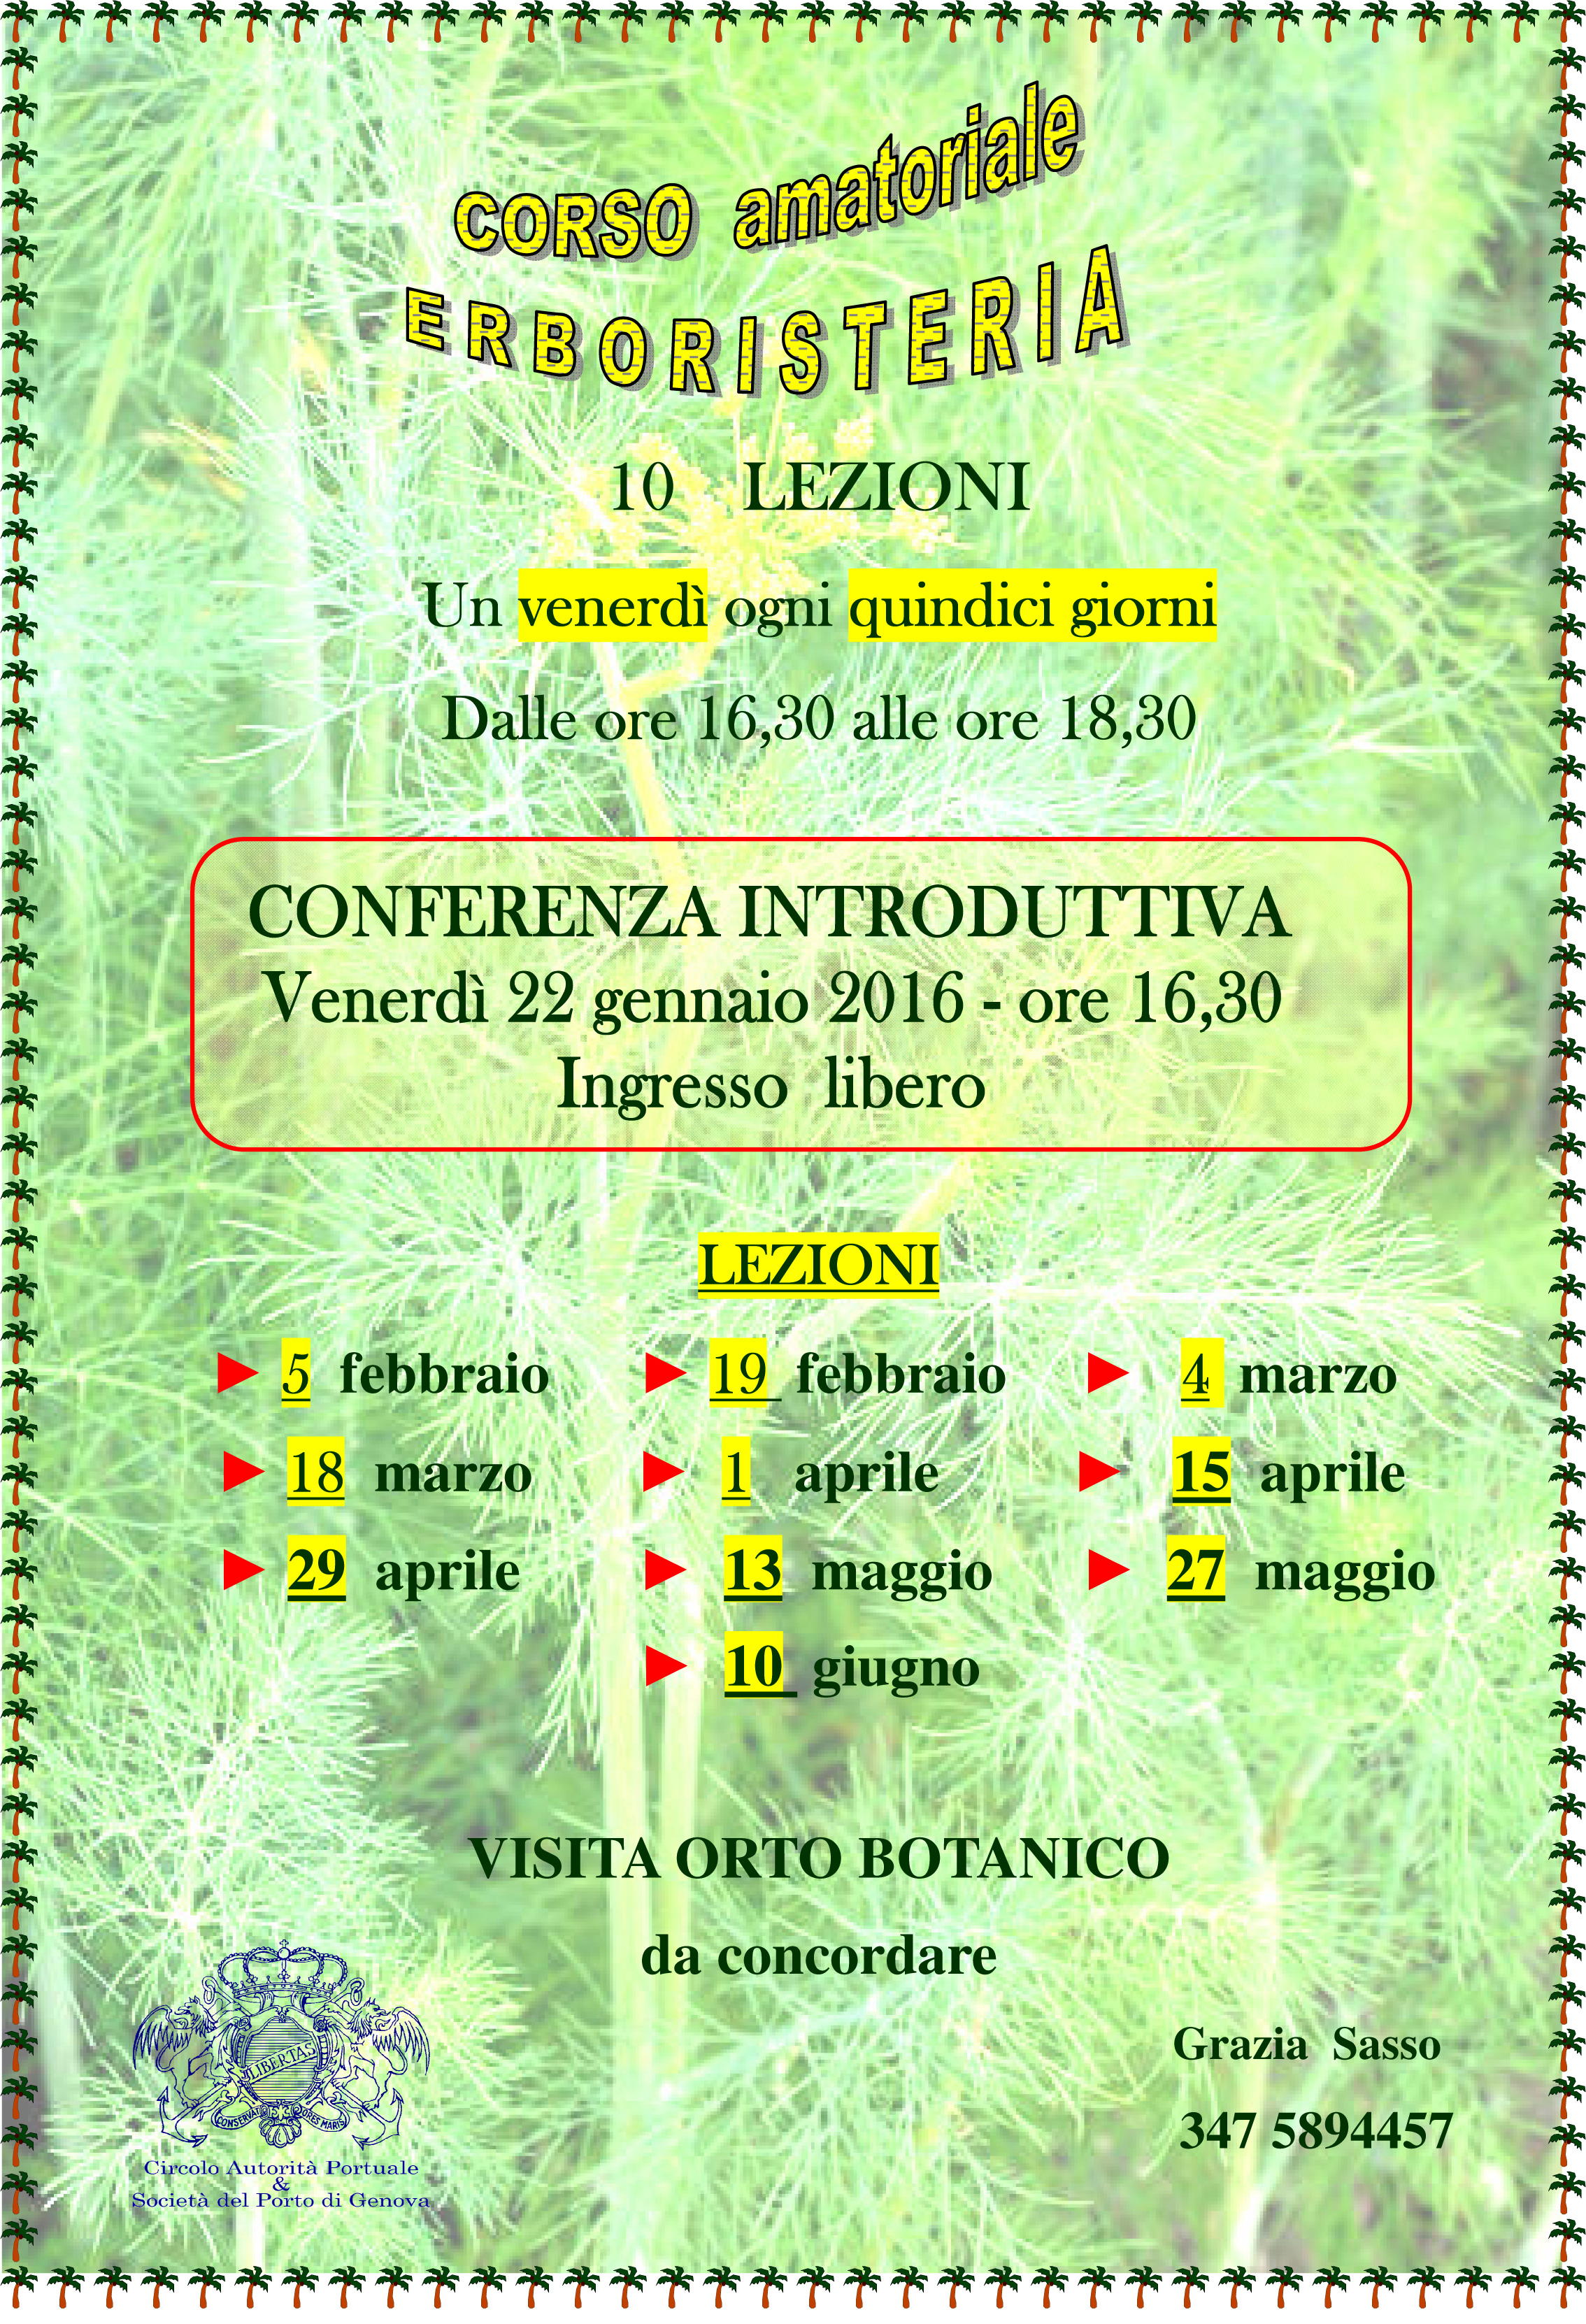 GS--Lezioni-Corso-Erbo